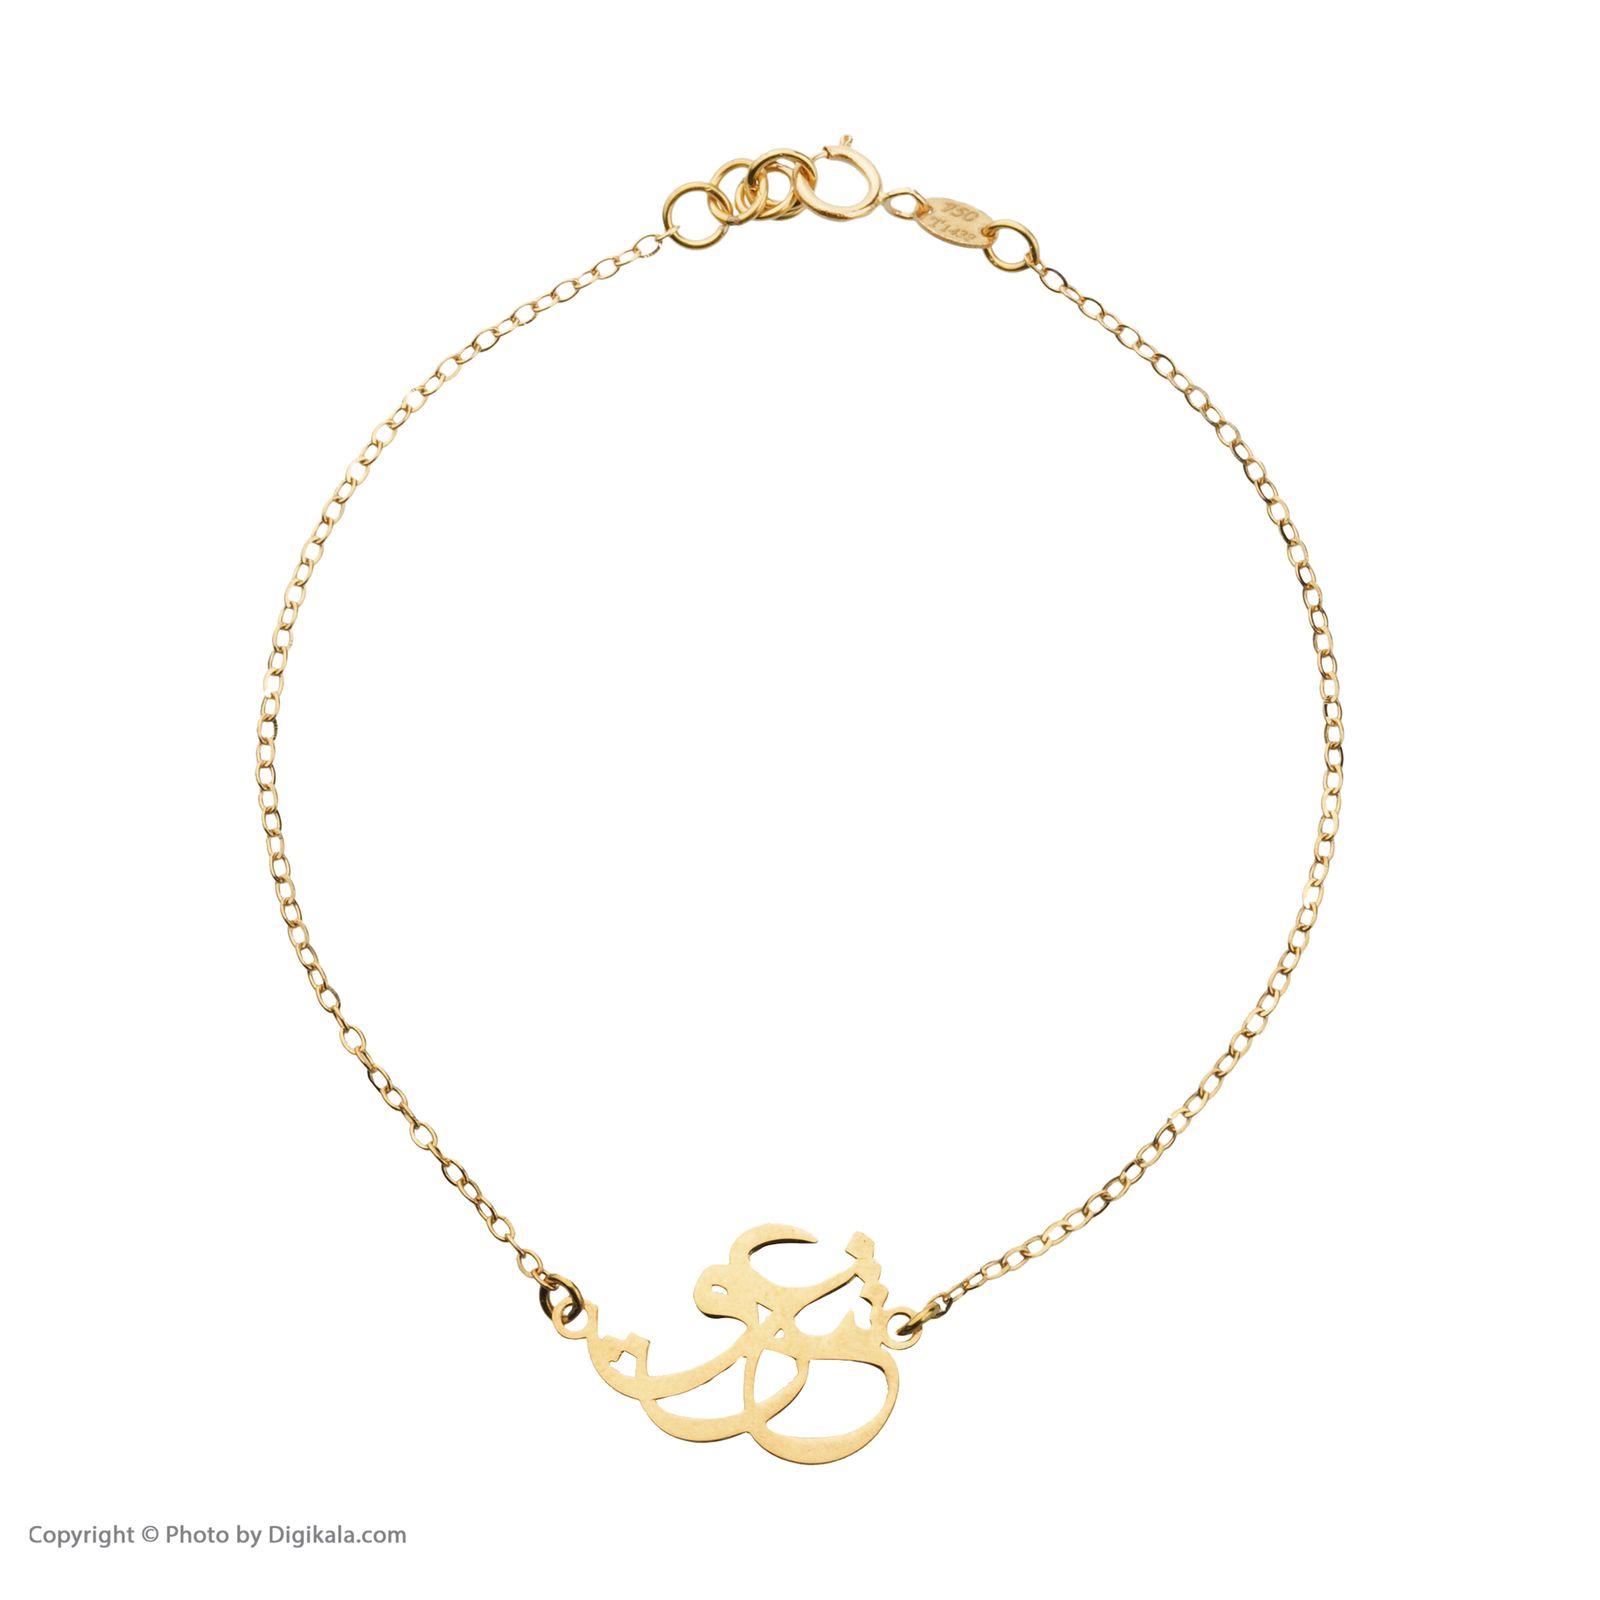 دستبند طلا 18 عیار زنانه میو گلد مدل GD606 -  - 3